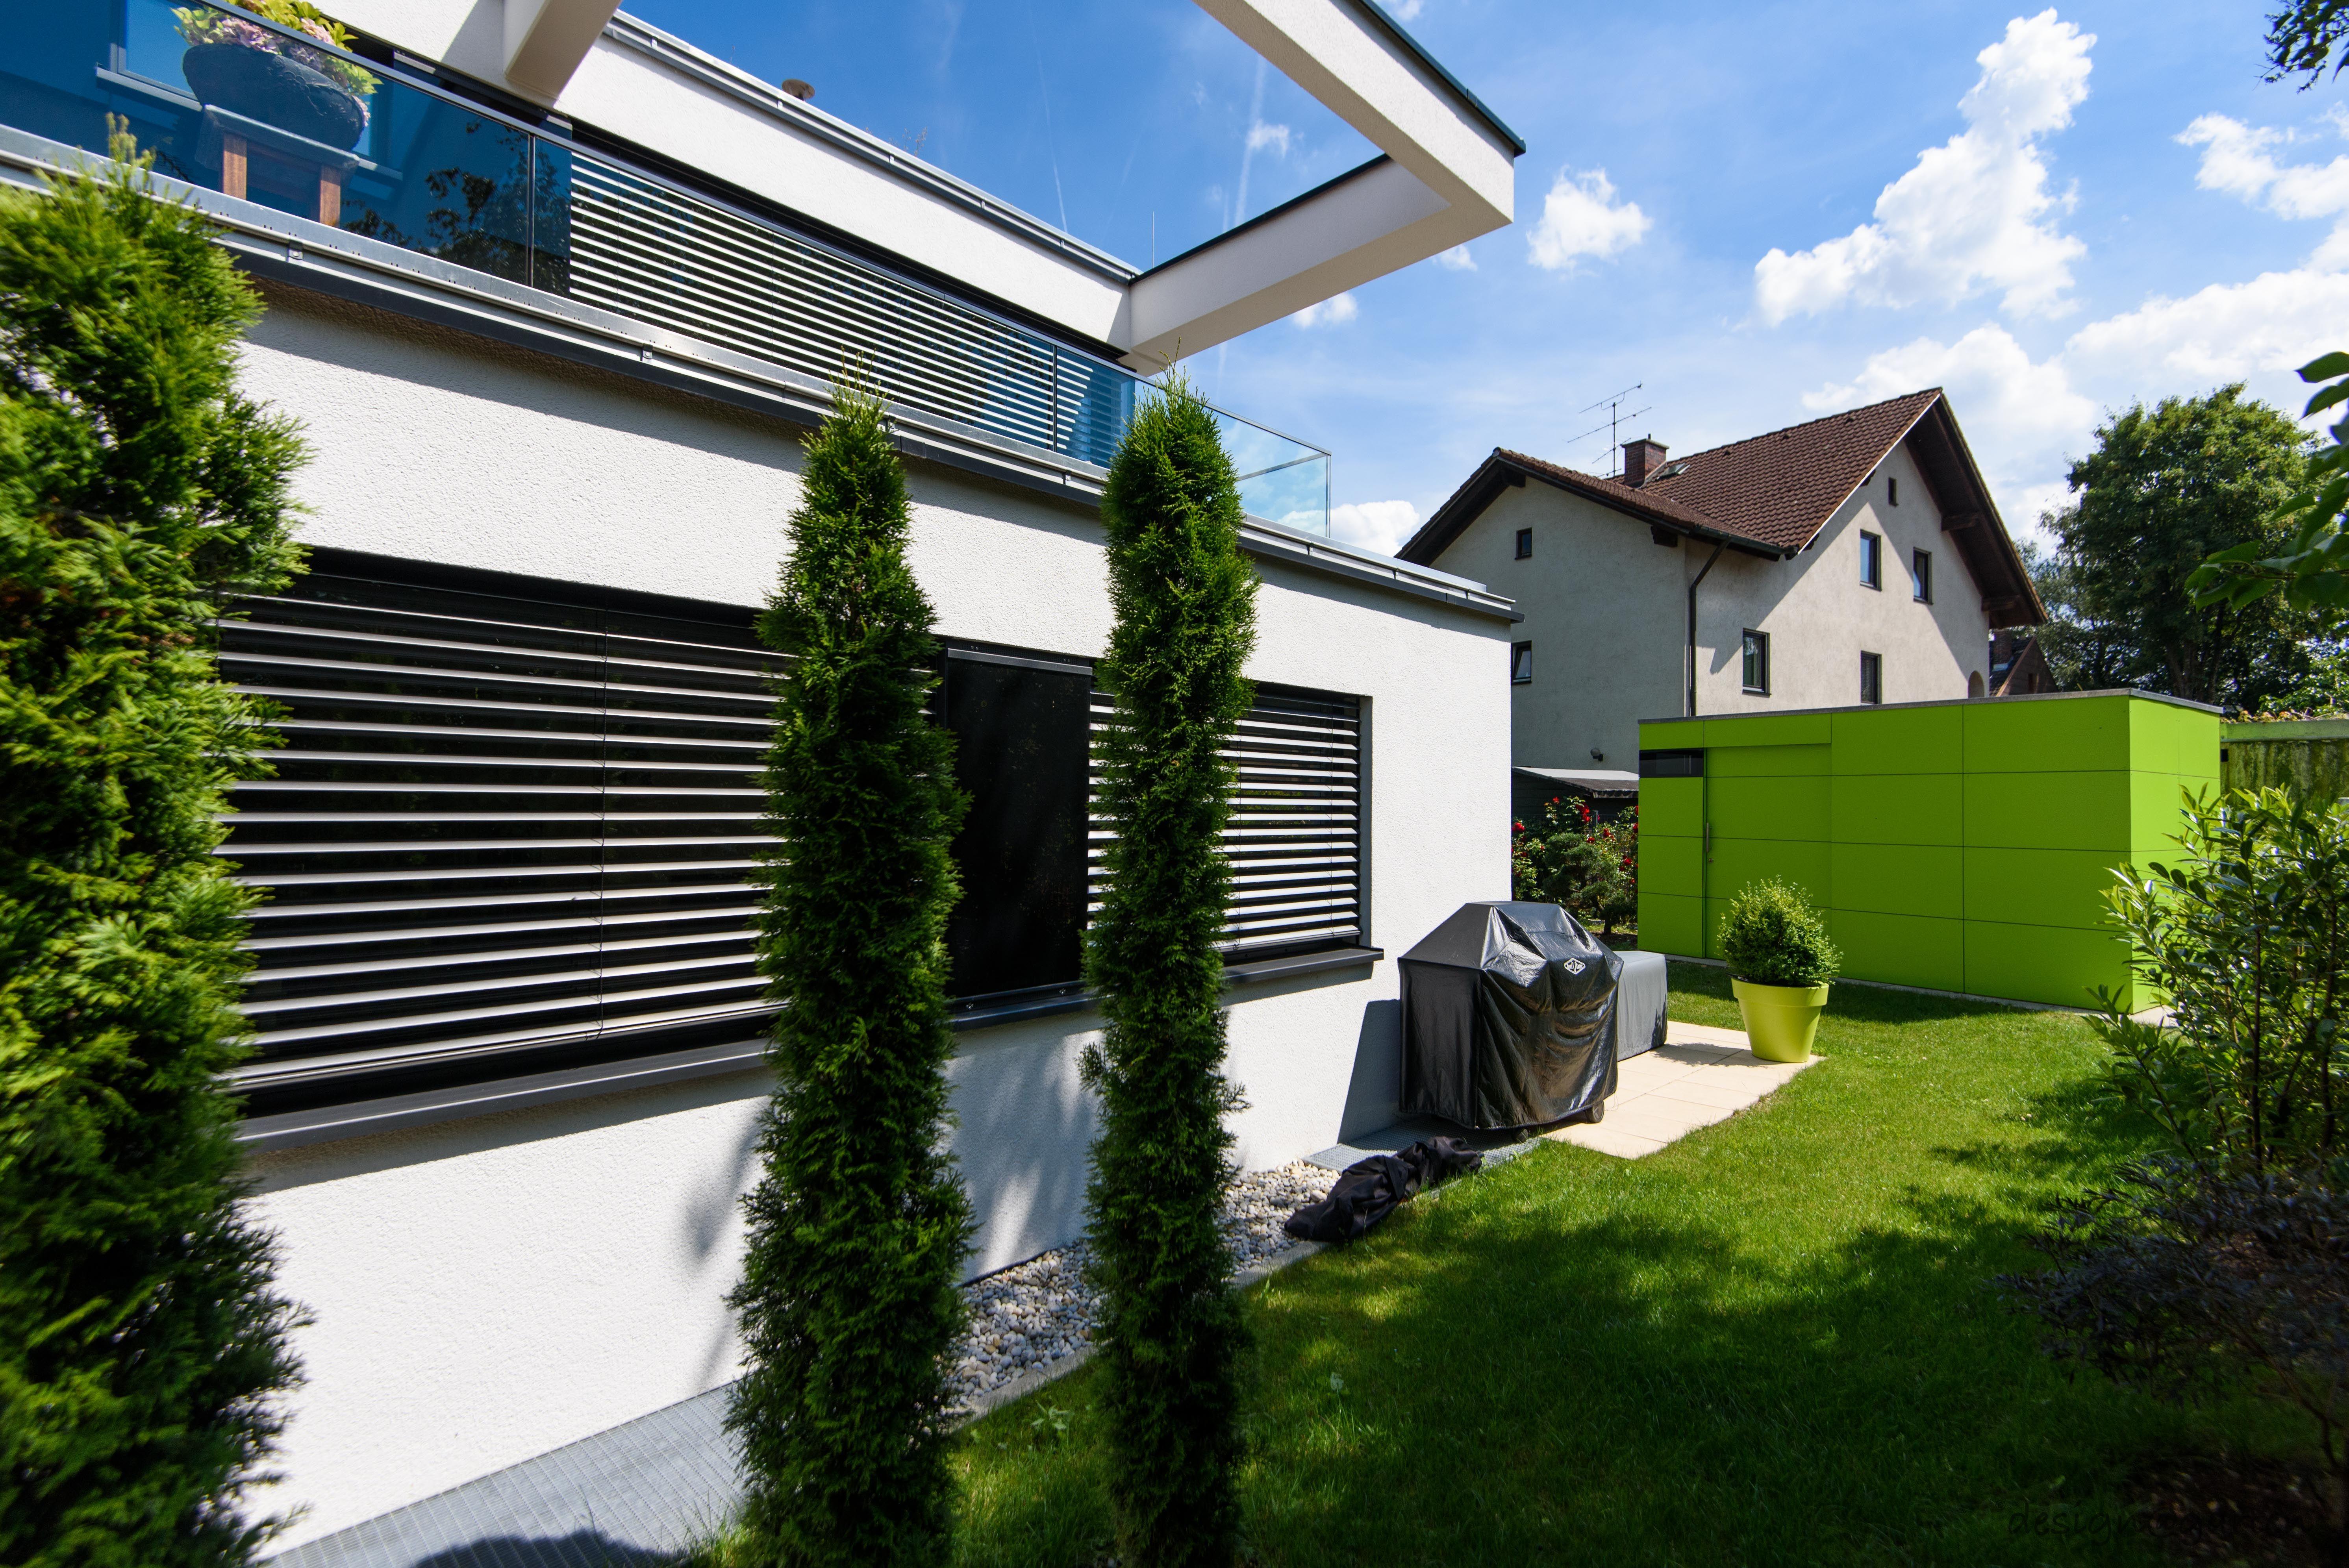 Gartenhäuser Flachdach Modern design gartenhaus fahrradhaus gart drei lime green niemals